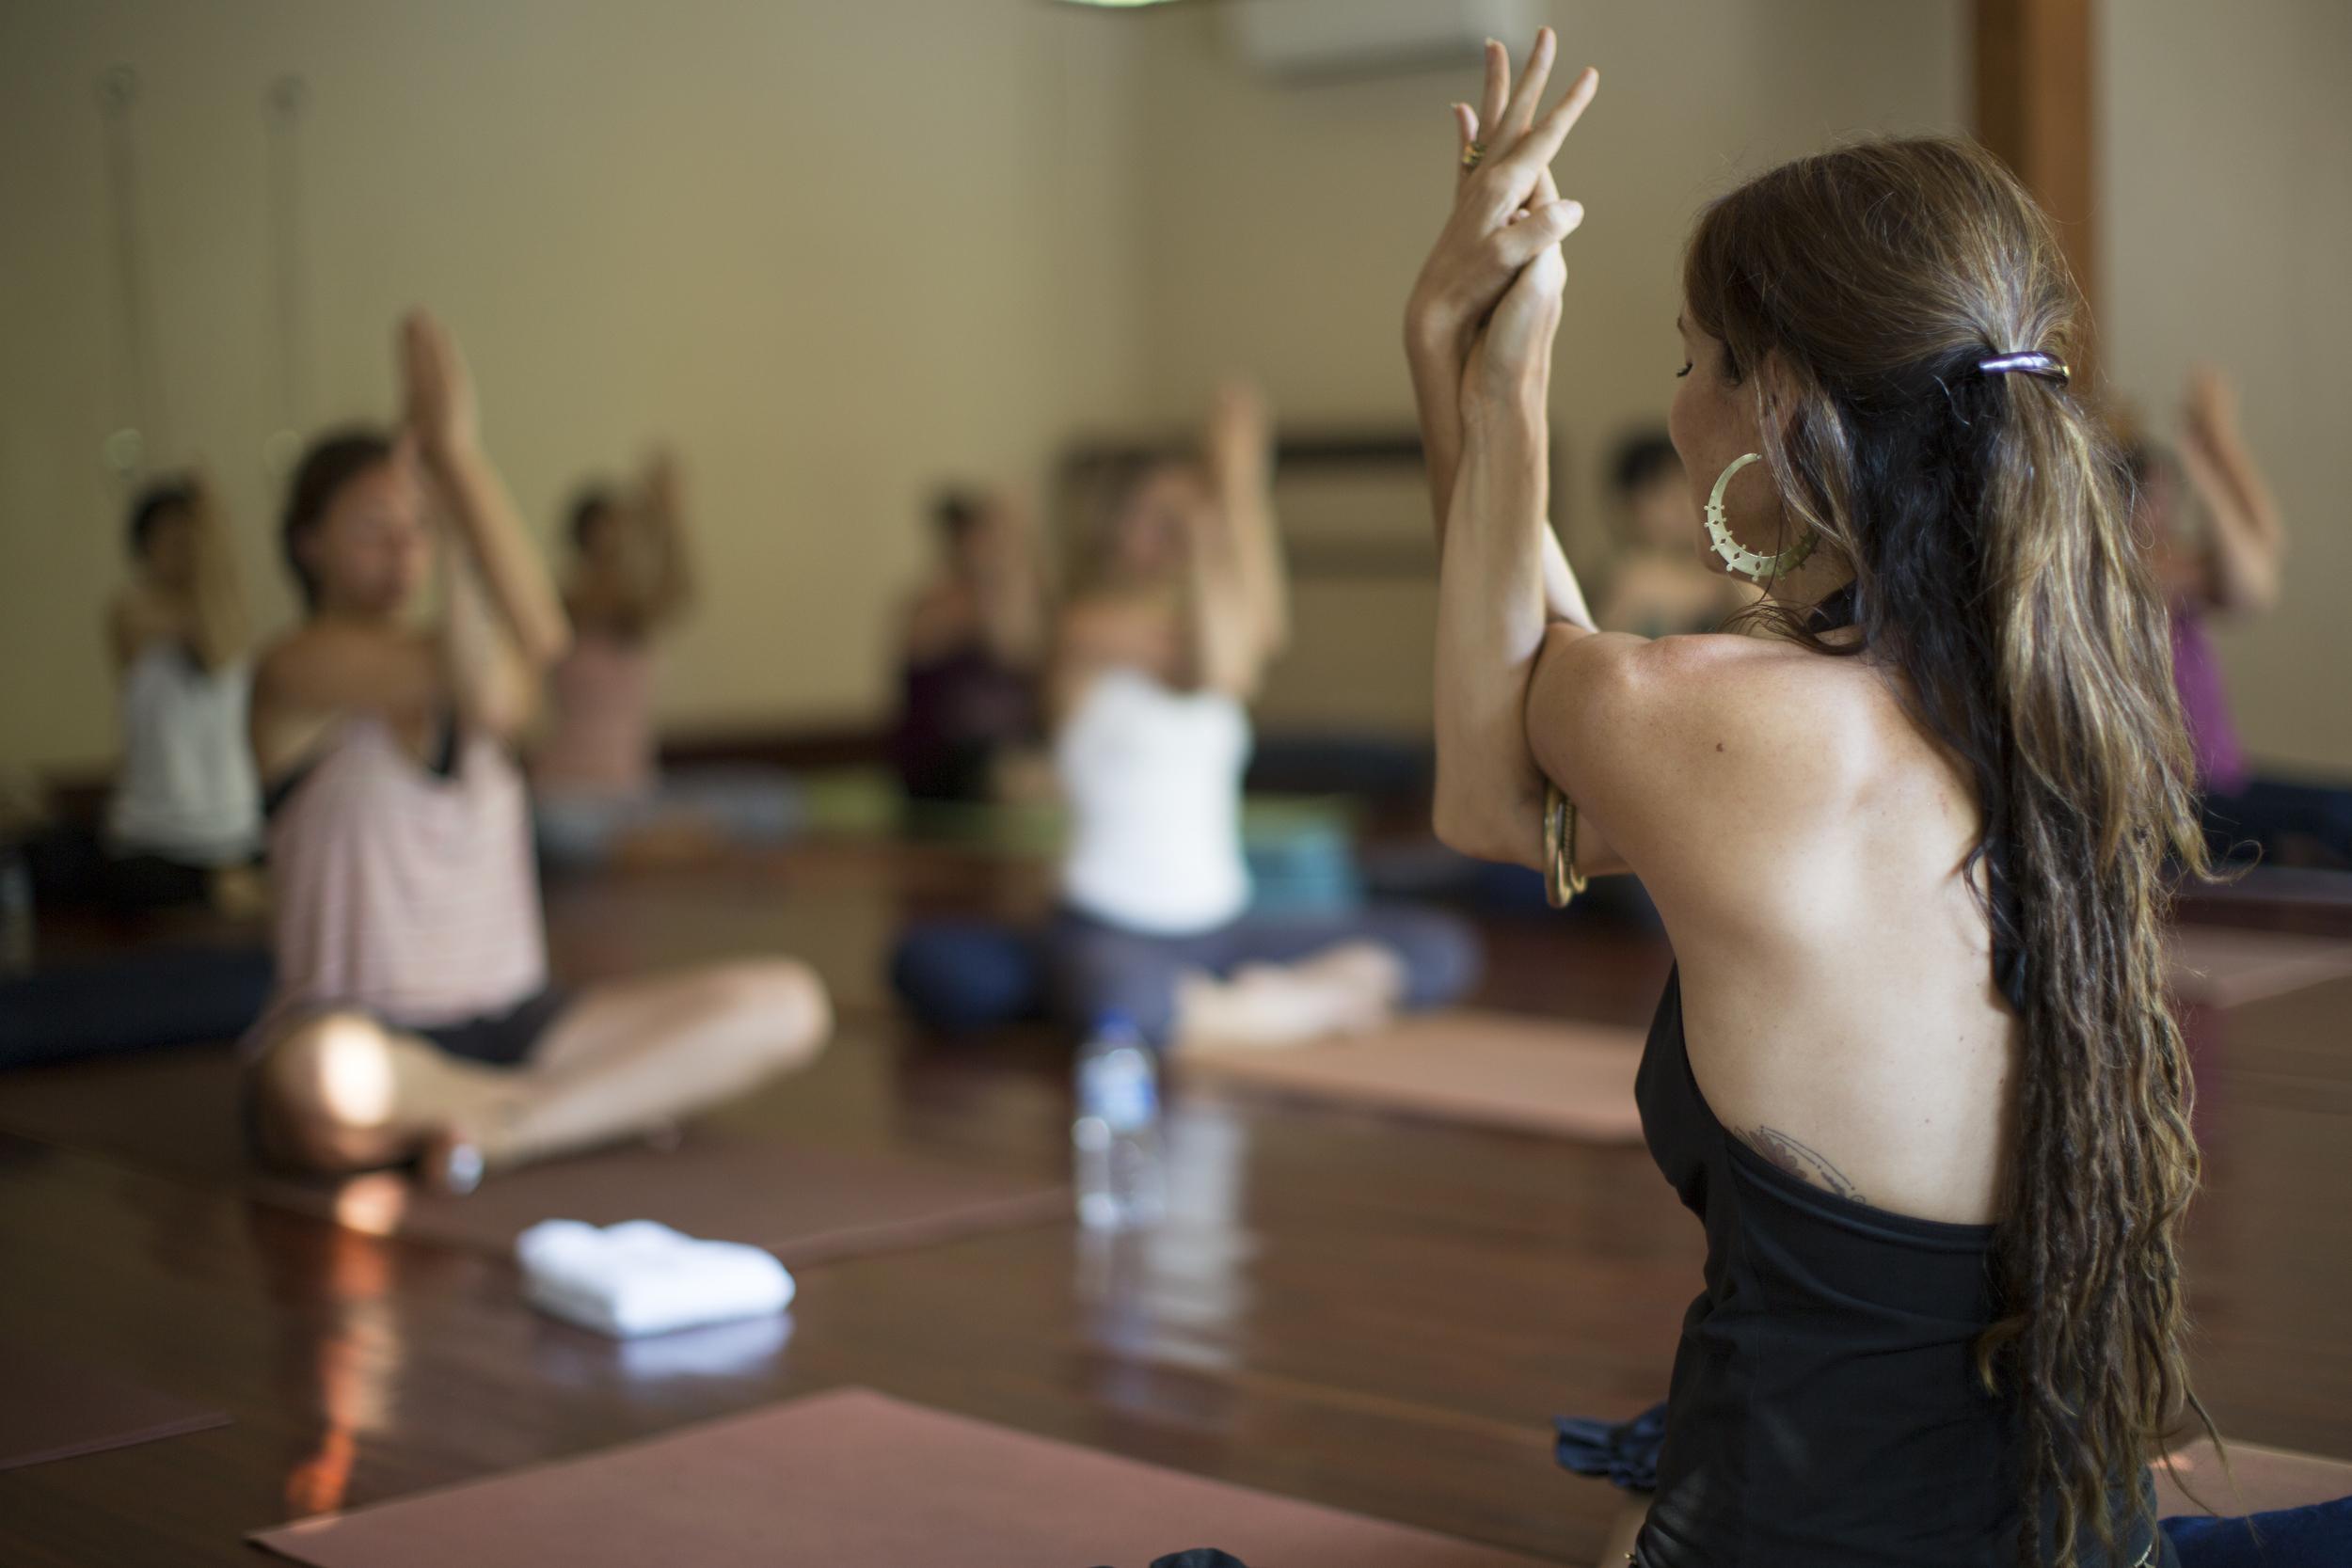 Tina Yoga 011-1280x853.jpg